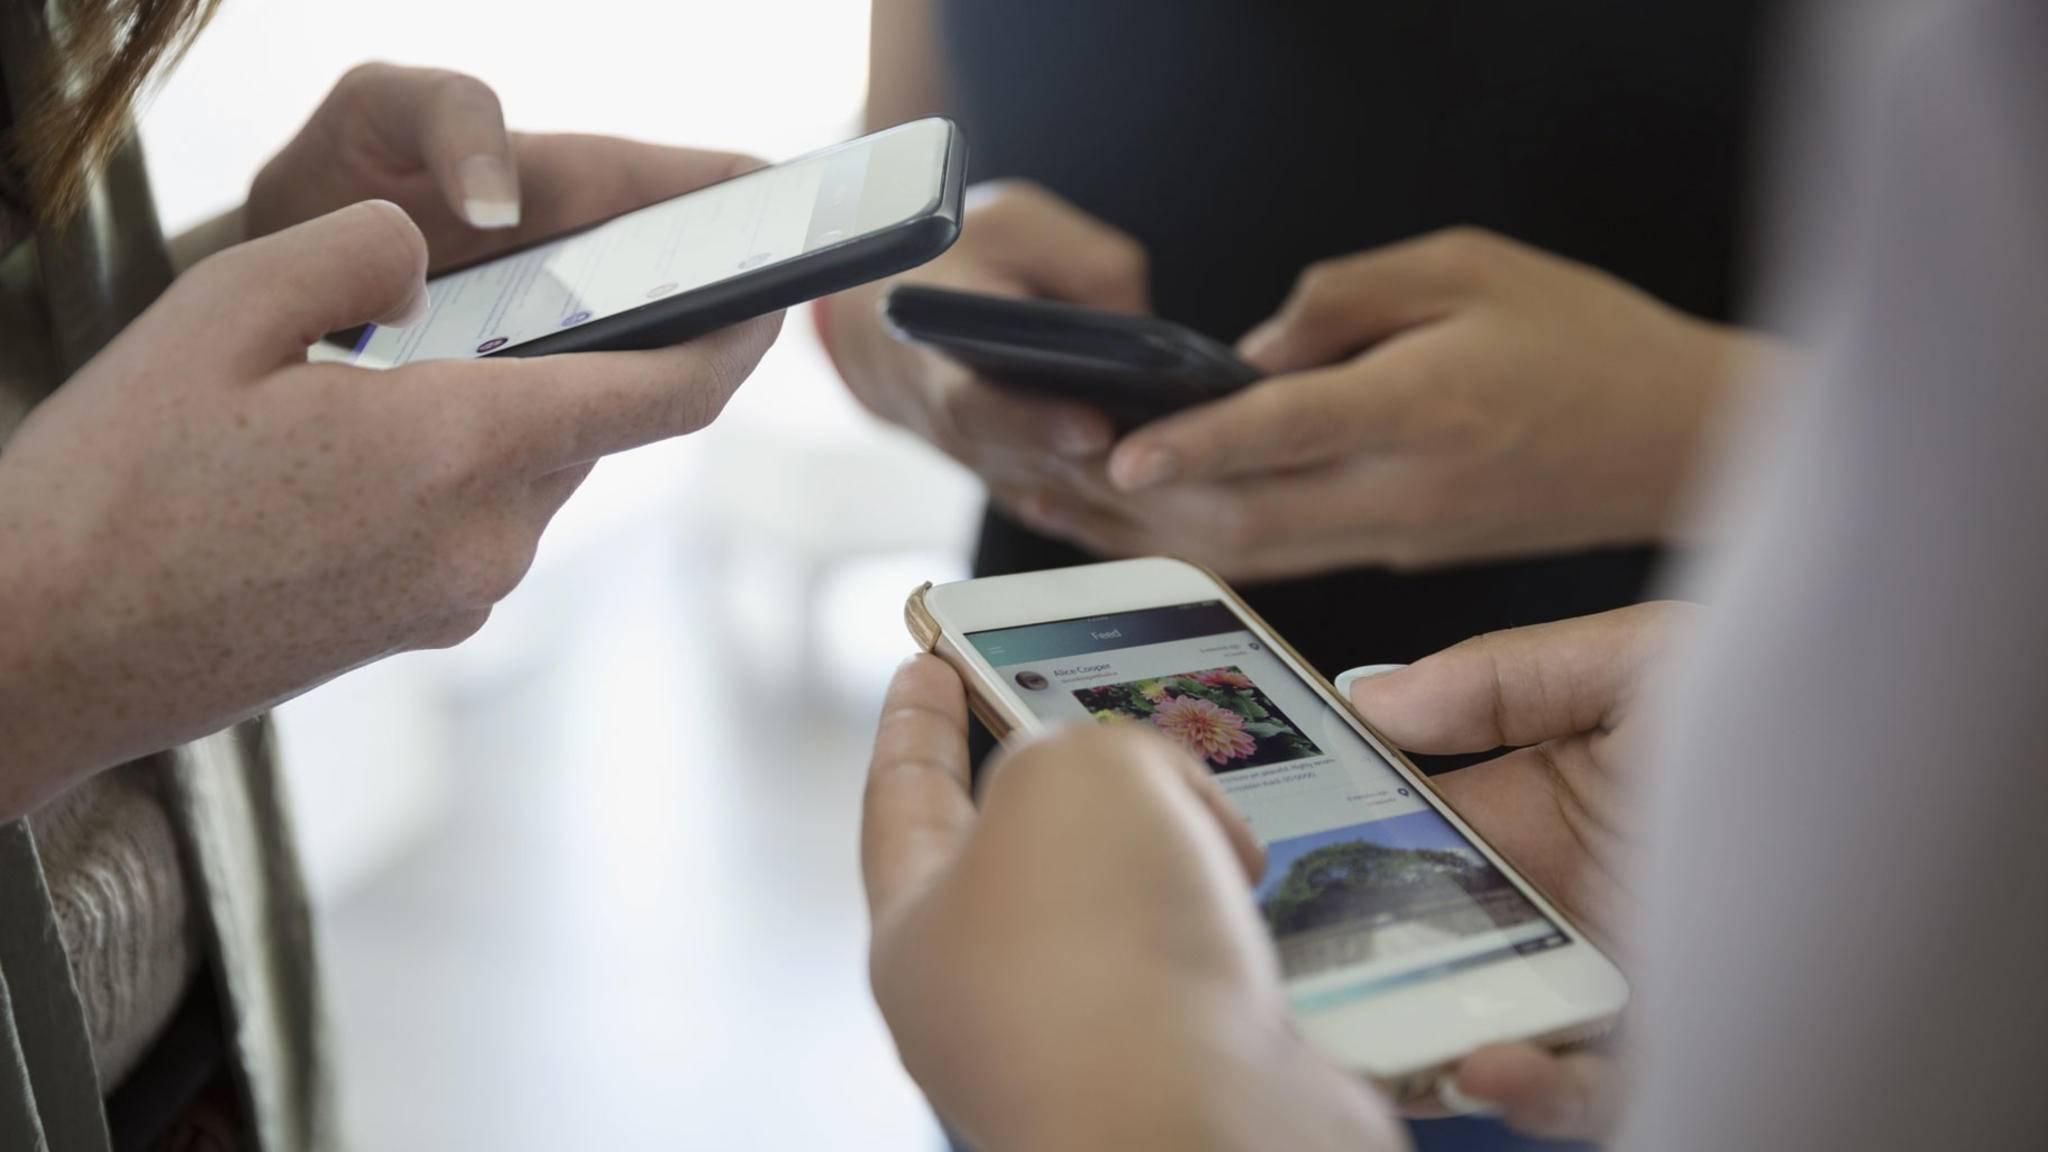 Die Bildschirmzeit in iOS 12 soll die iPhone-Nutzung durch Kinder im besten Fall eigentlich beschränken.